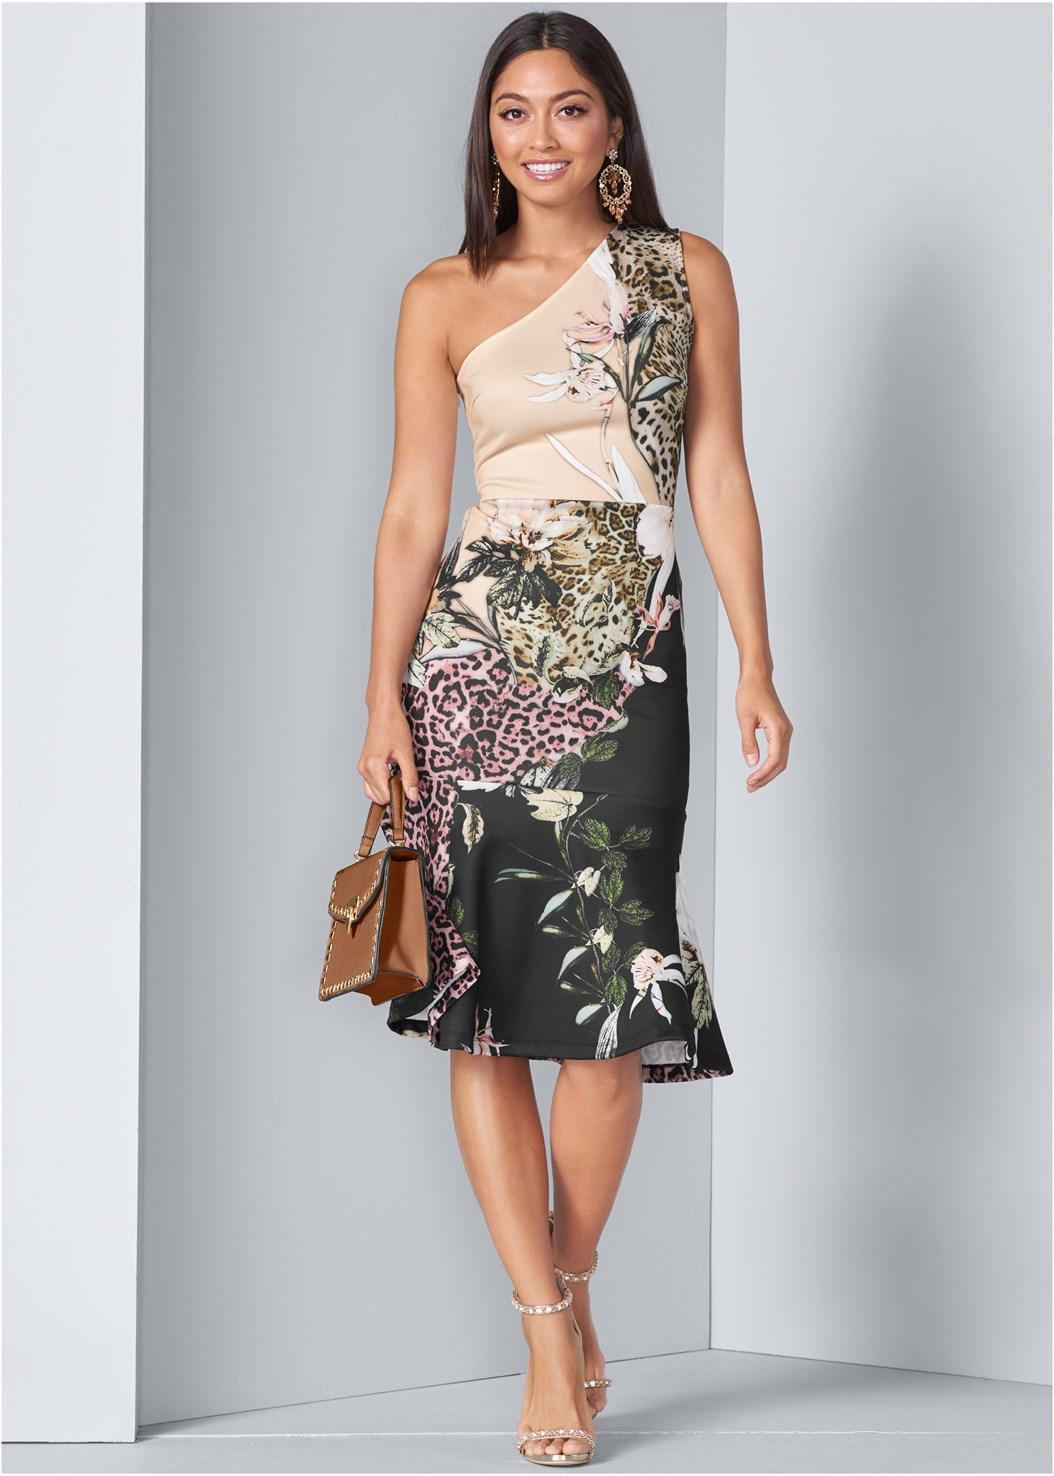 Floral Animal Bodycon Dress,Embellished Heels,Stud Detail Handbag